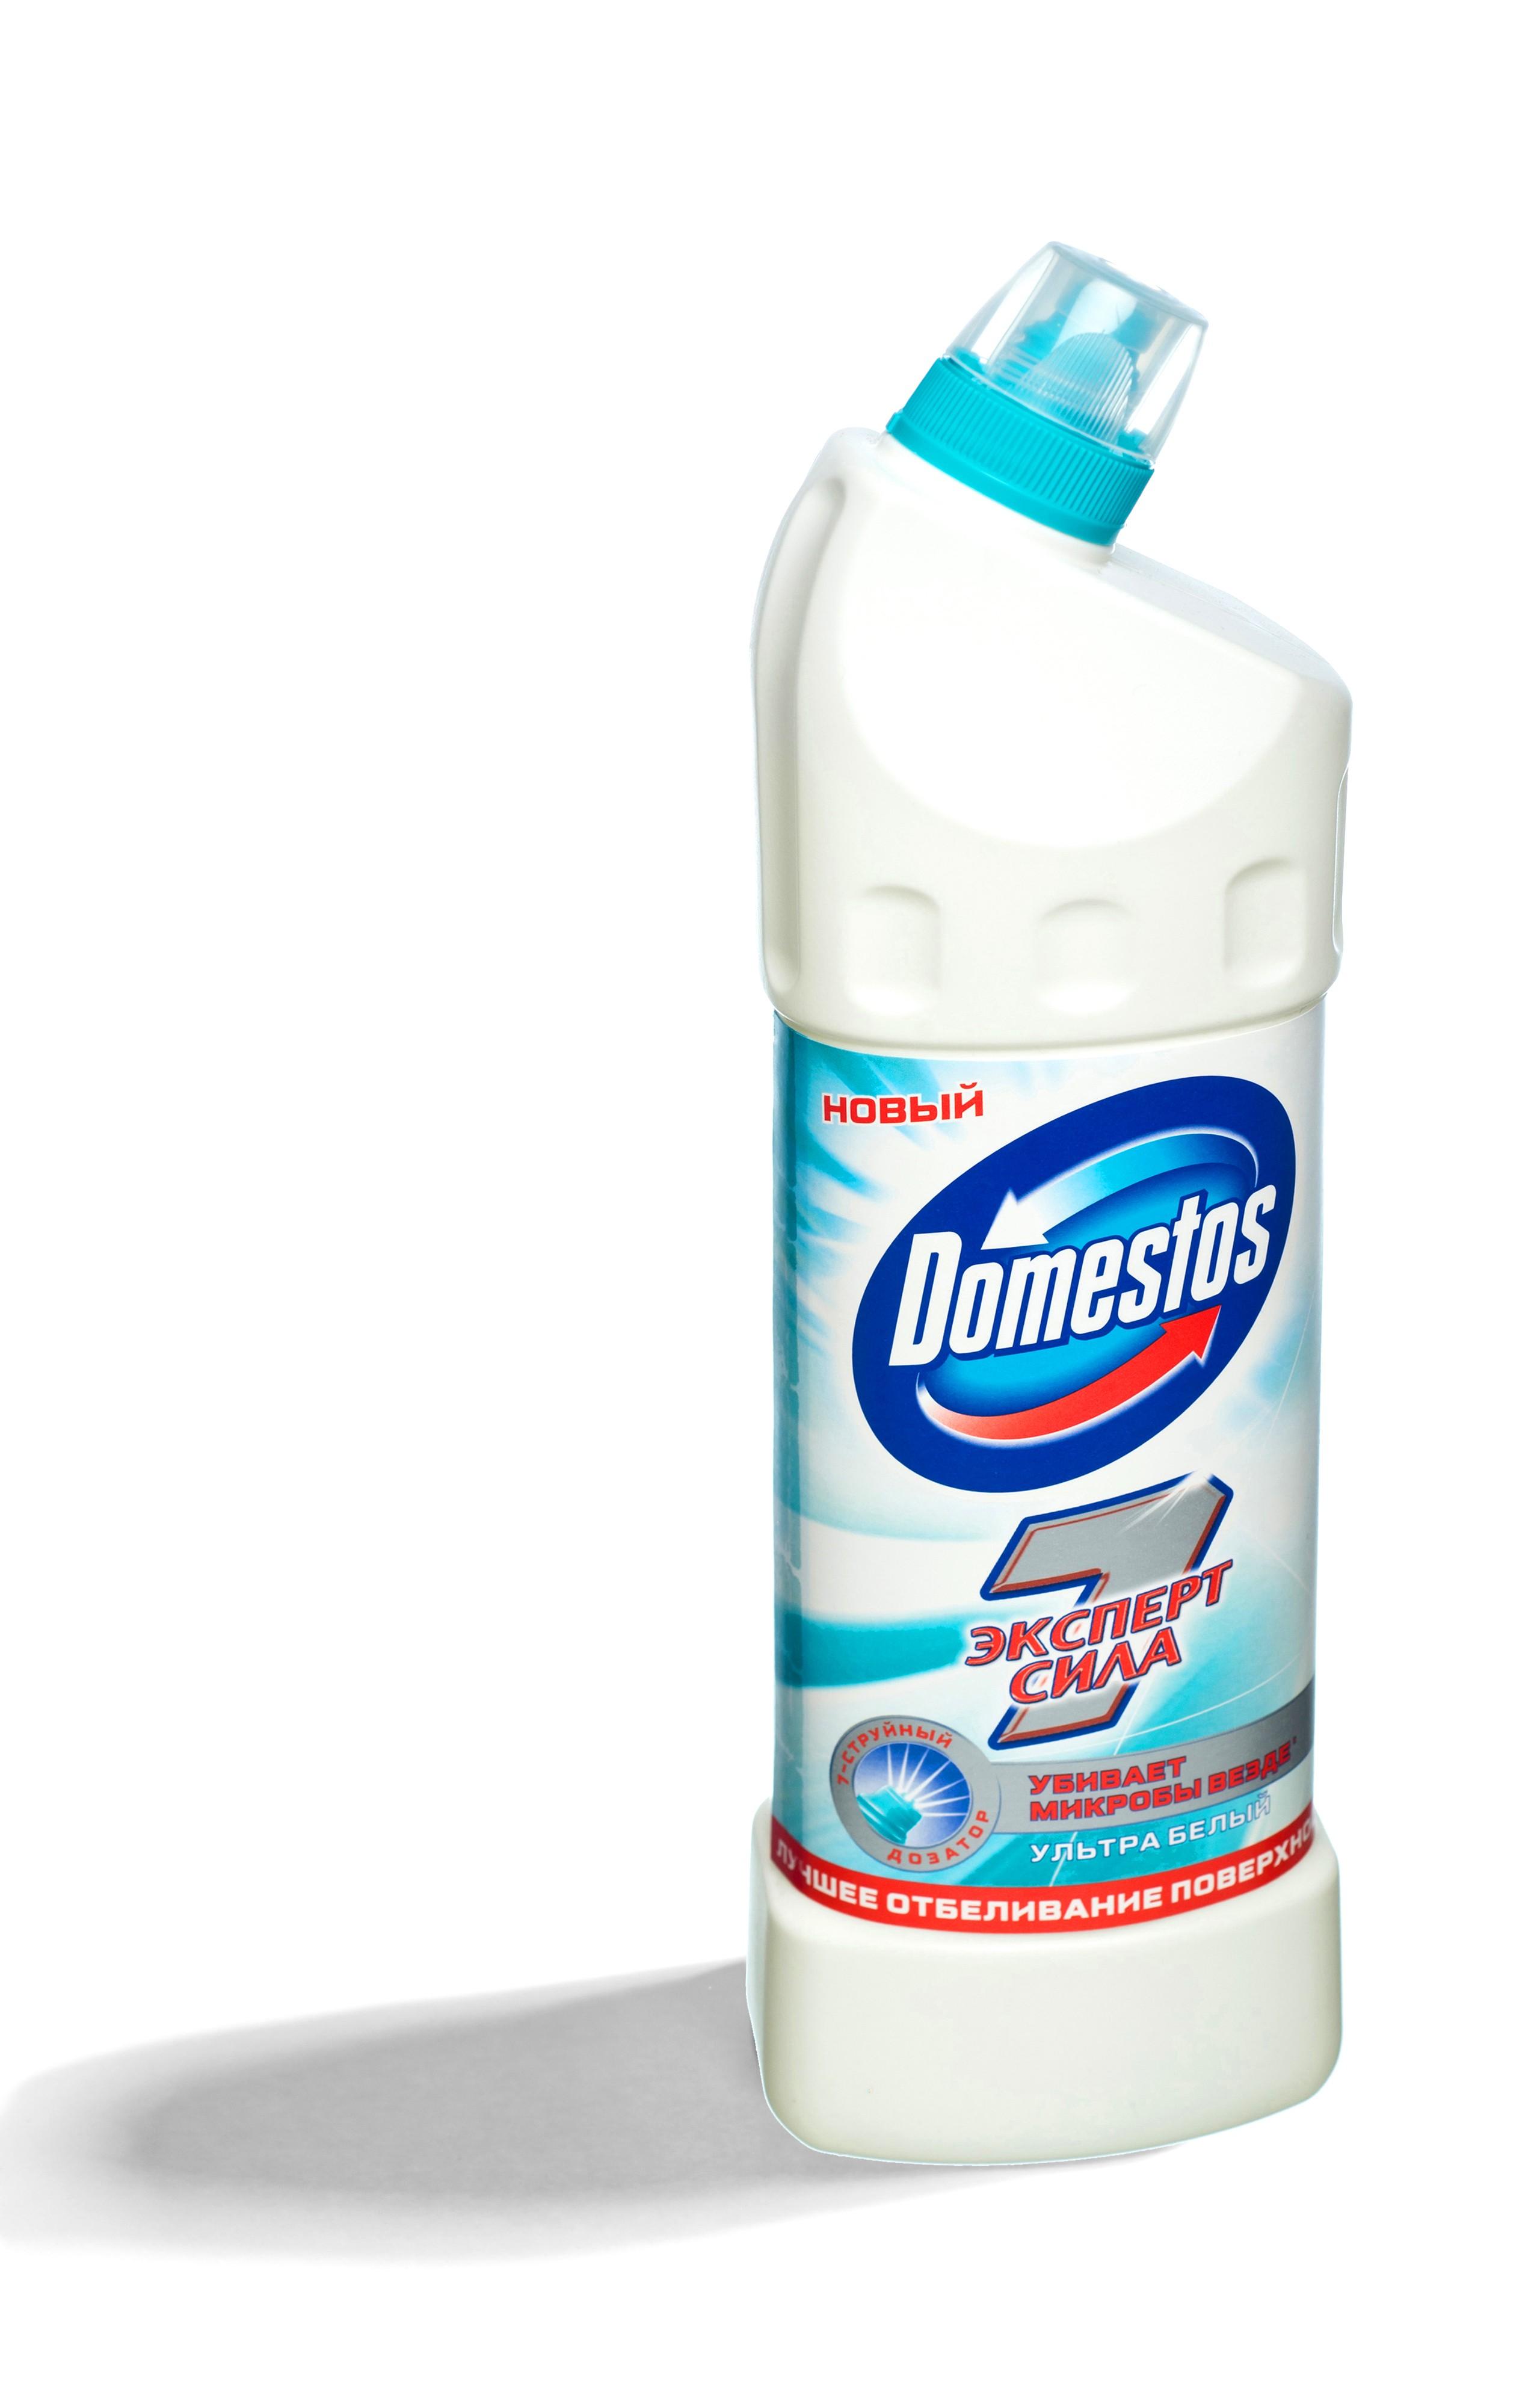 Domestos Средство чистящее для унитаза Ультра Белый  – это эффективное чистящее средство, которое уничтожает микробы во всем доме для защиты вашей семьи.  Благодаря особой формуле с дезинфицирующим эффектом и чистящими компонентами Domestos убивает все известные микробы, максимально отчищает